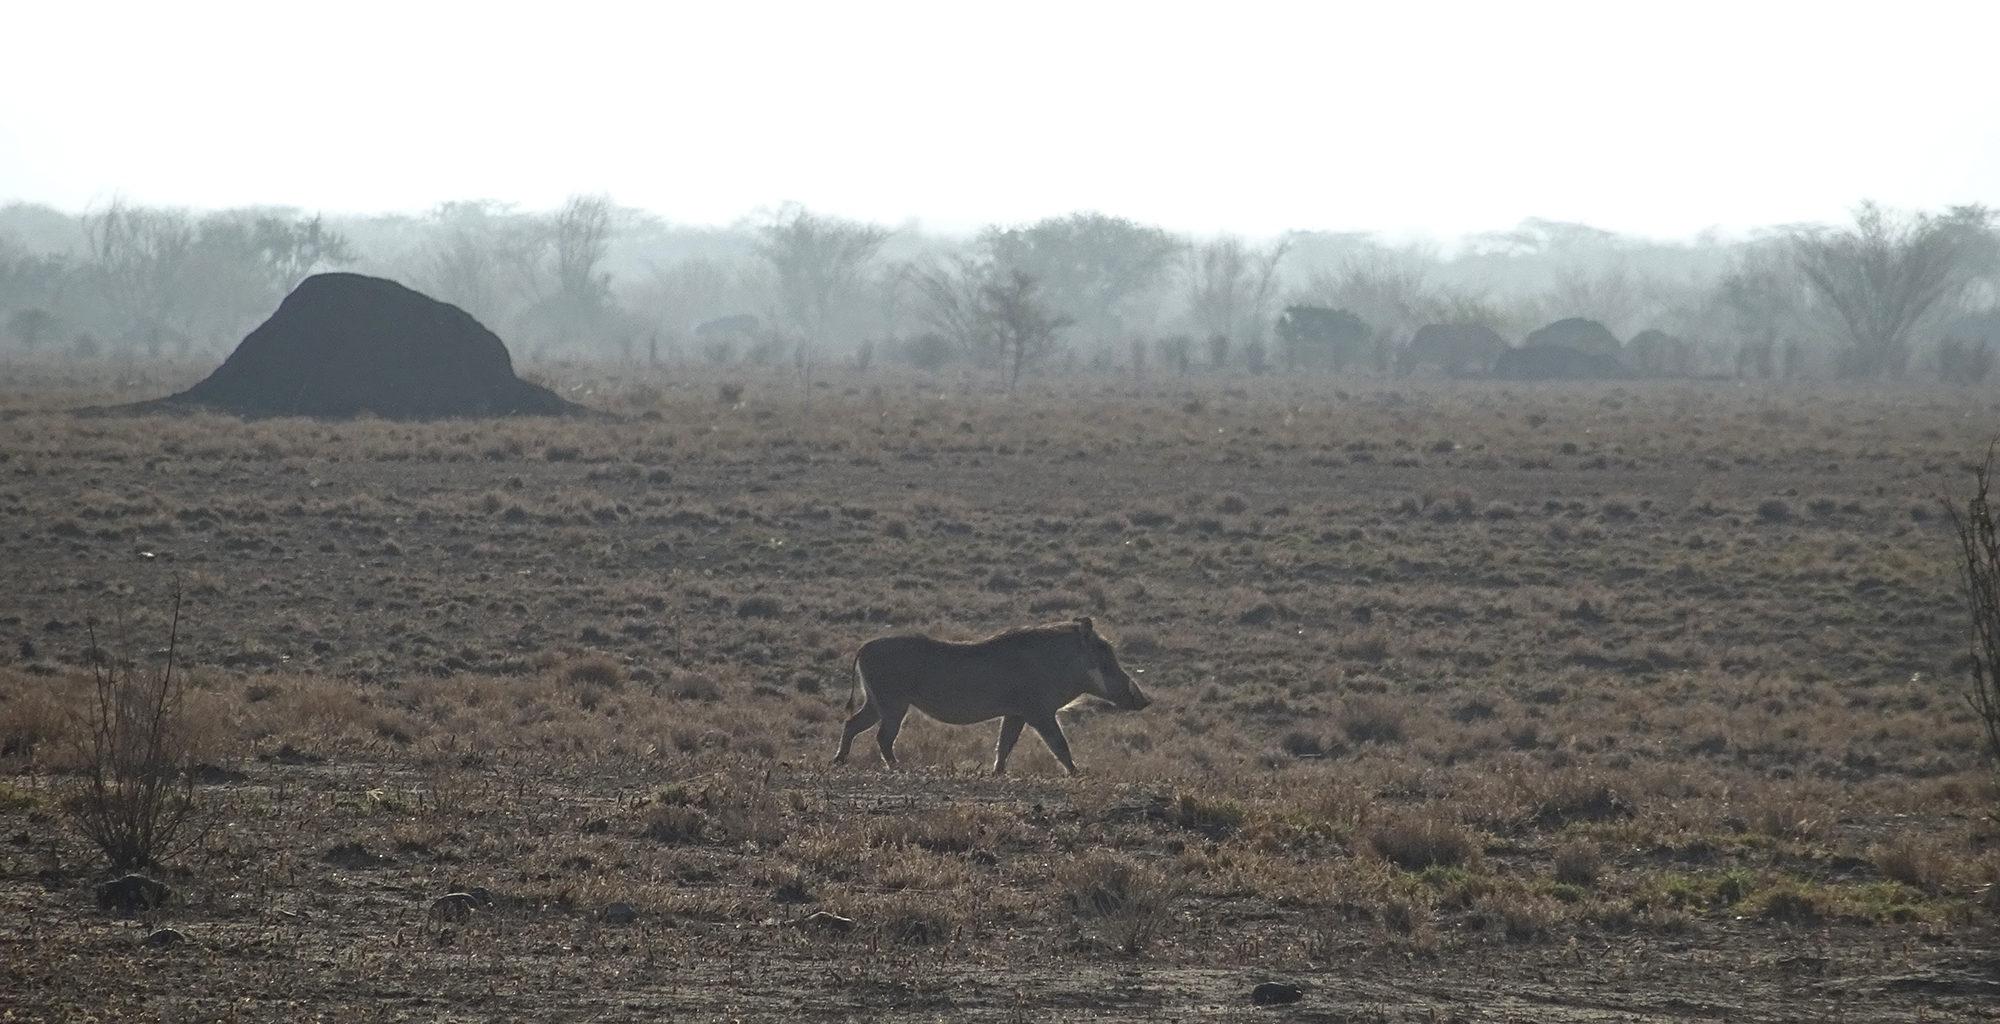 Ethiopia-Awash-Alledeghi-Warthog